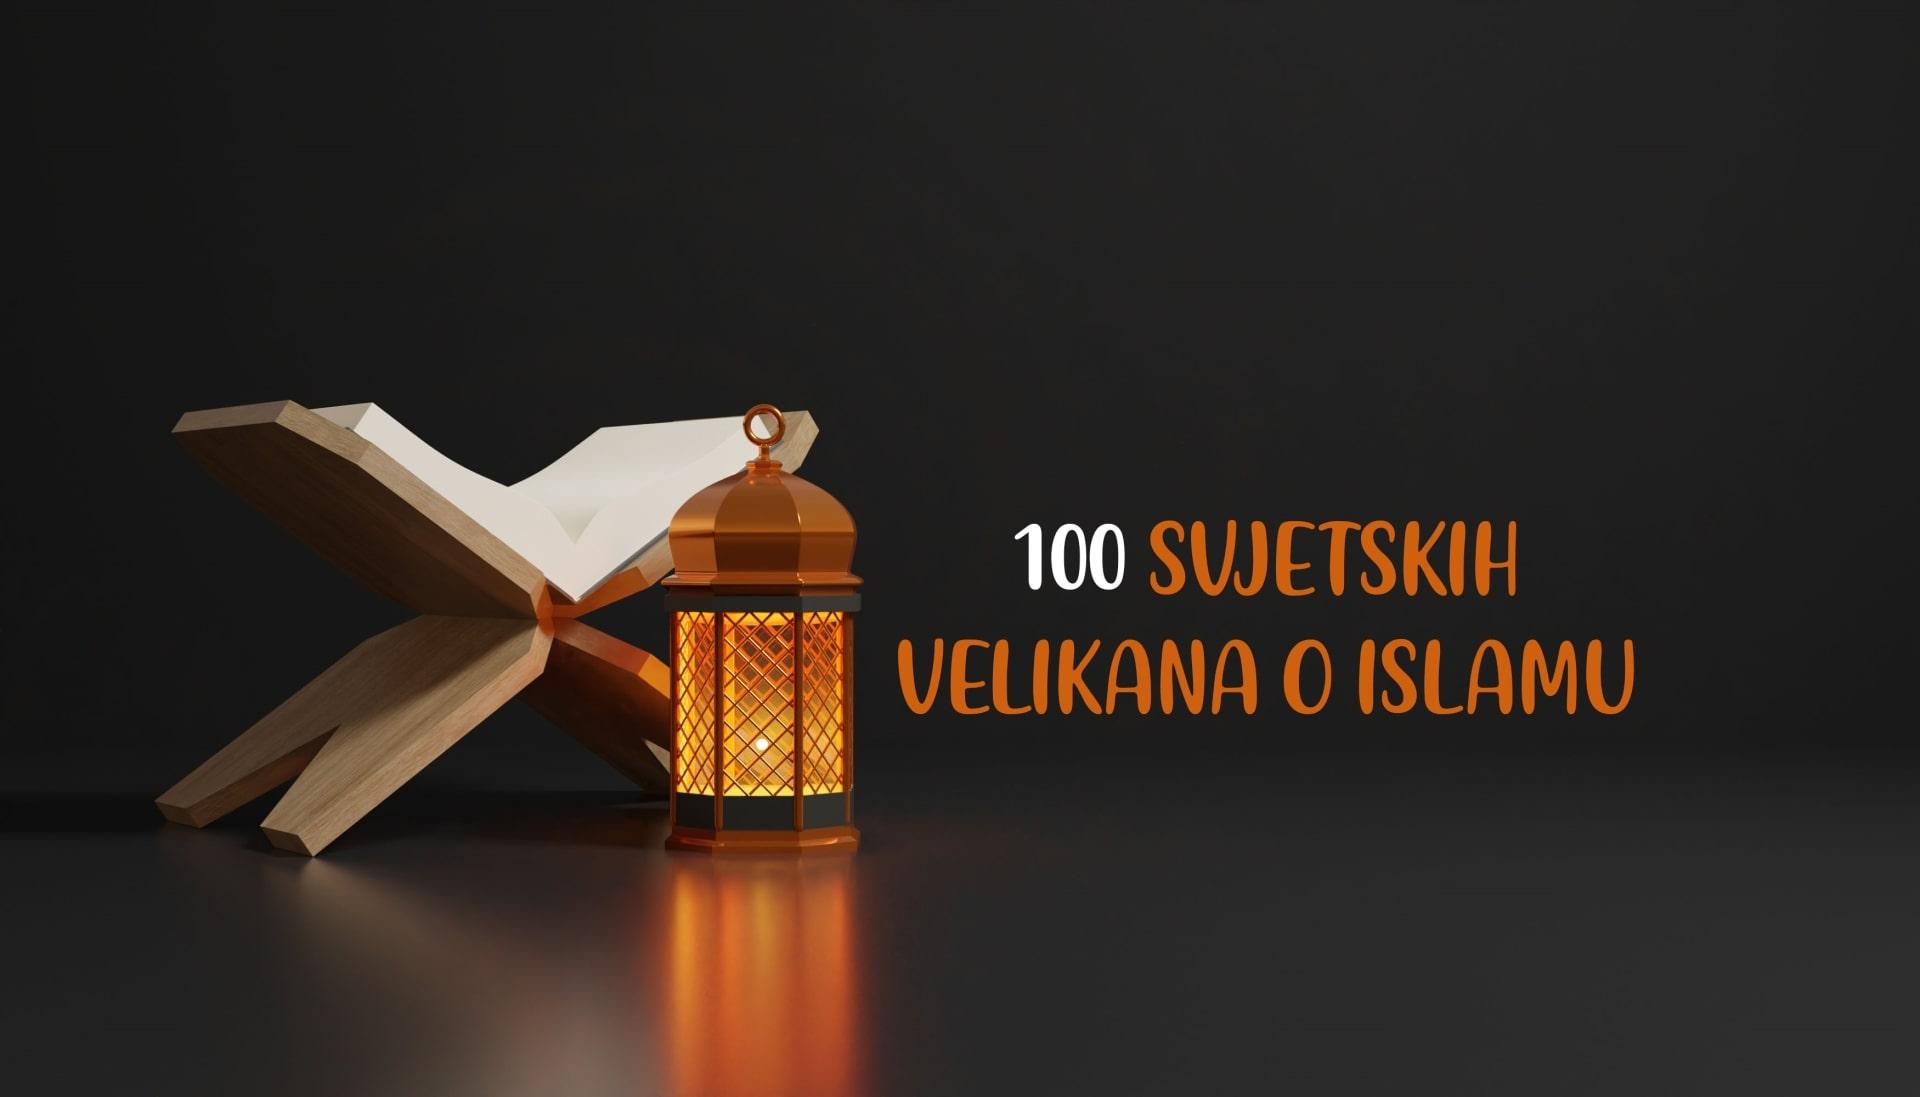 100 svjetskih velikana o islamu - David Džordž Hogart